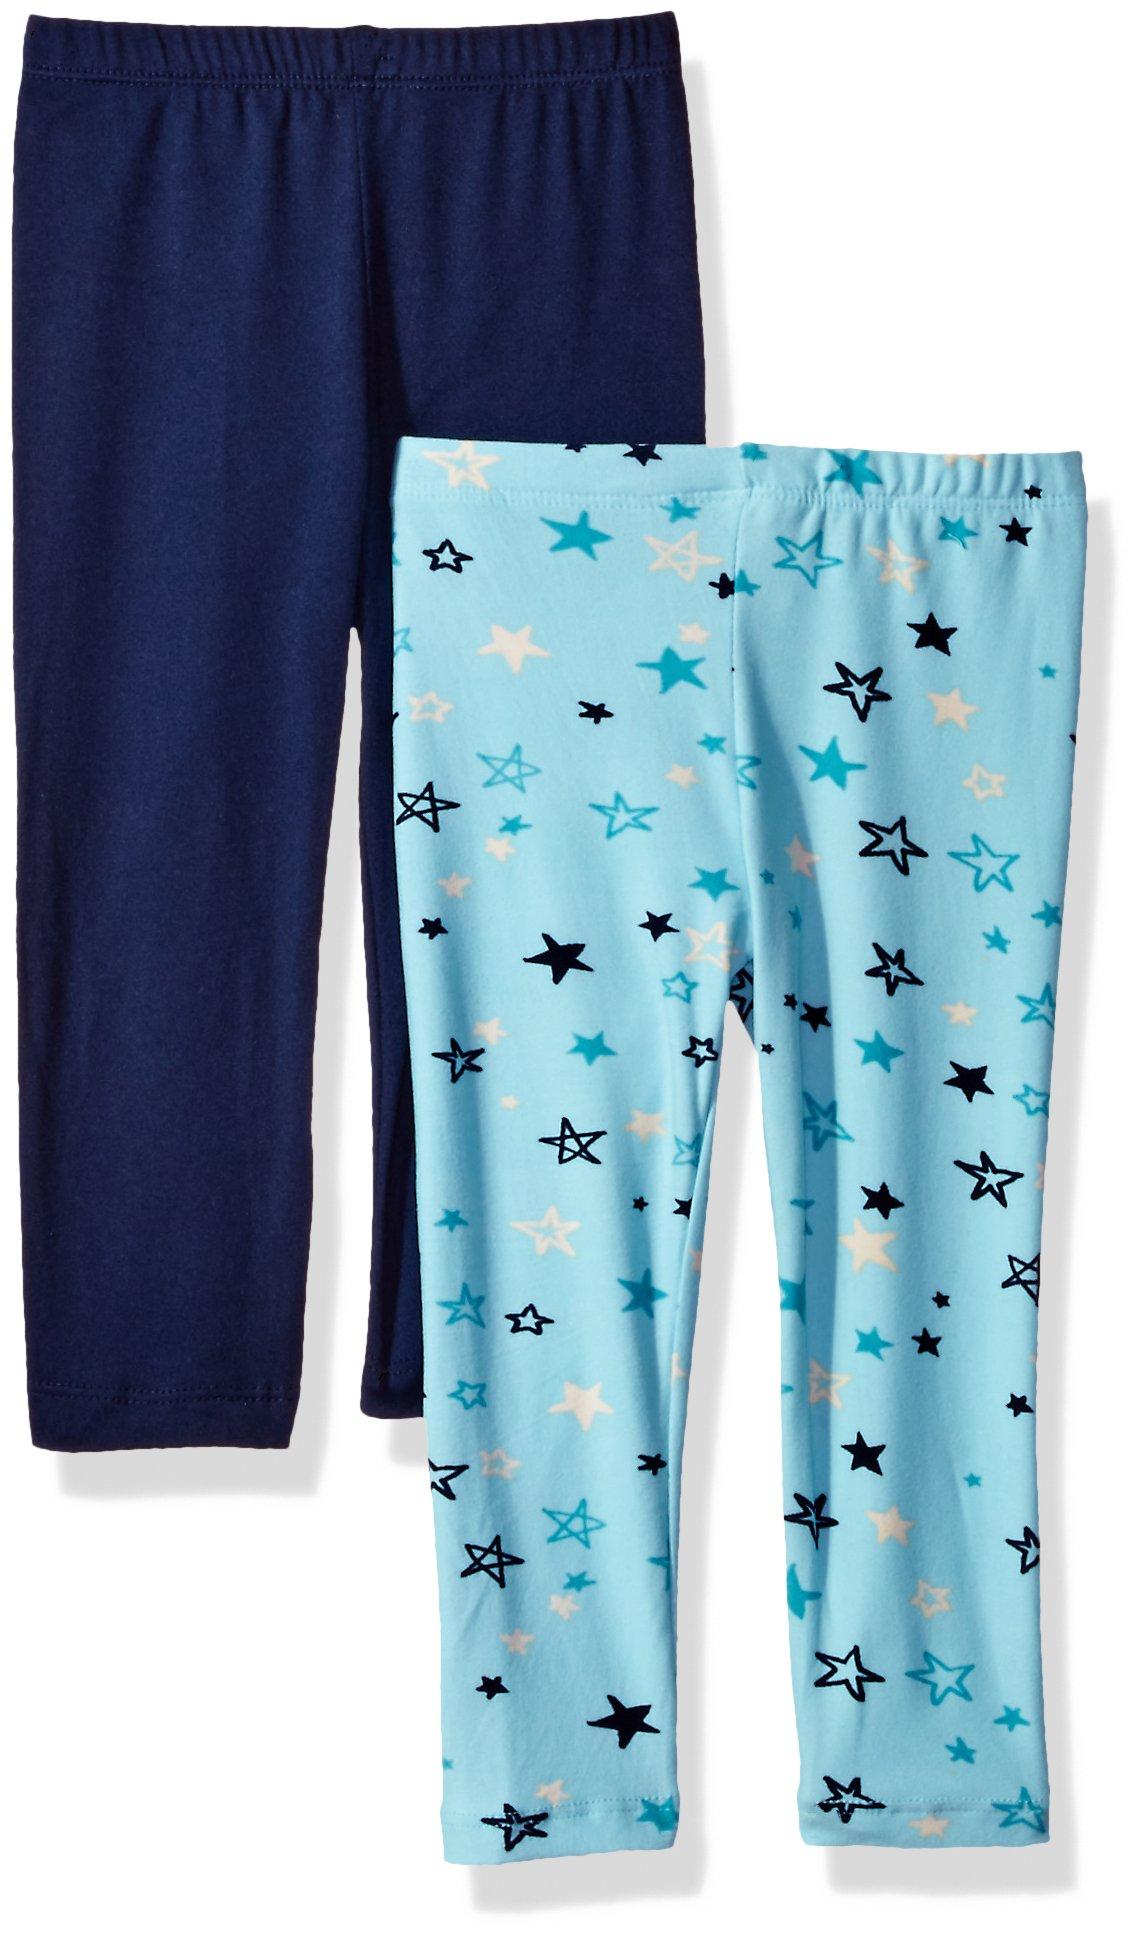 One Step Up Big Girls' 2 Pack Super Soft Legging, Mint/Medieval Blue, 10/12